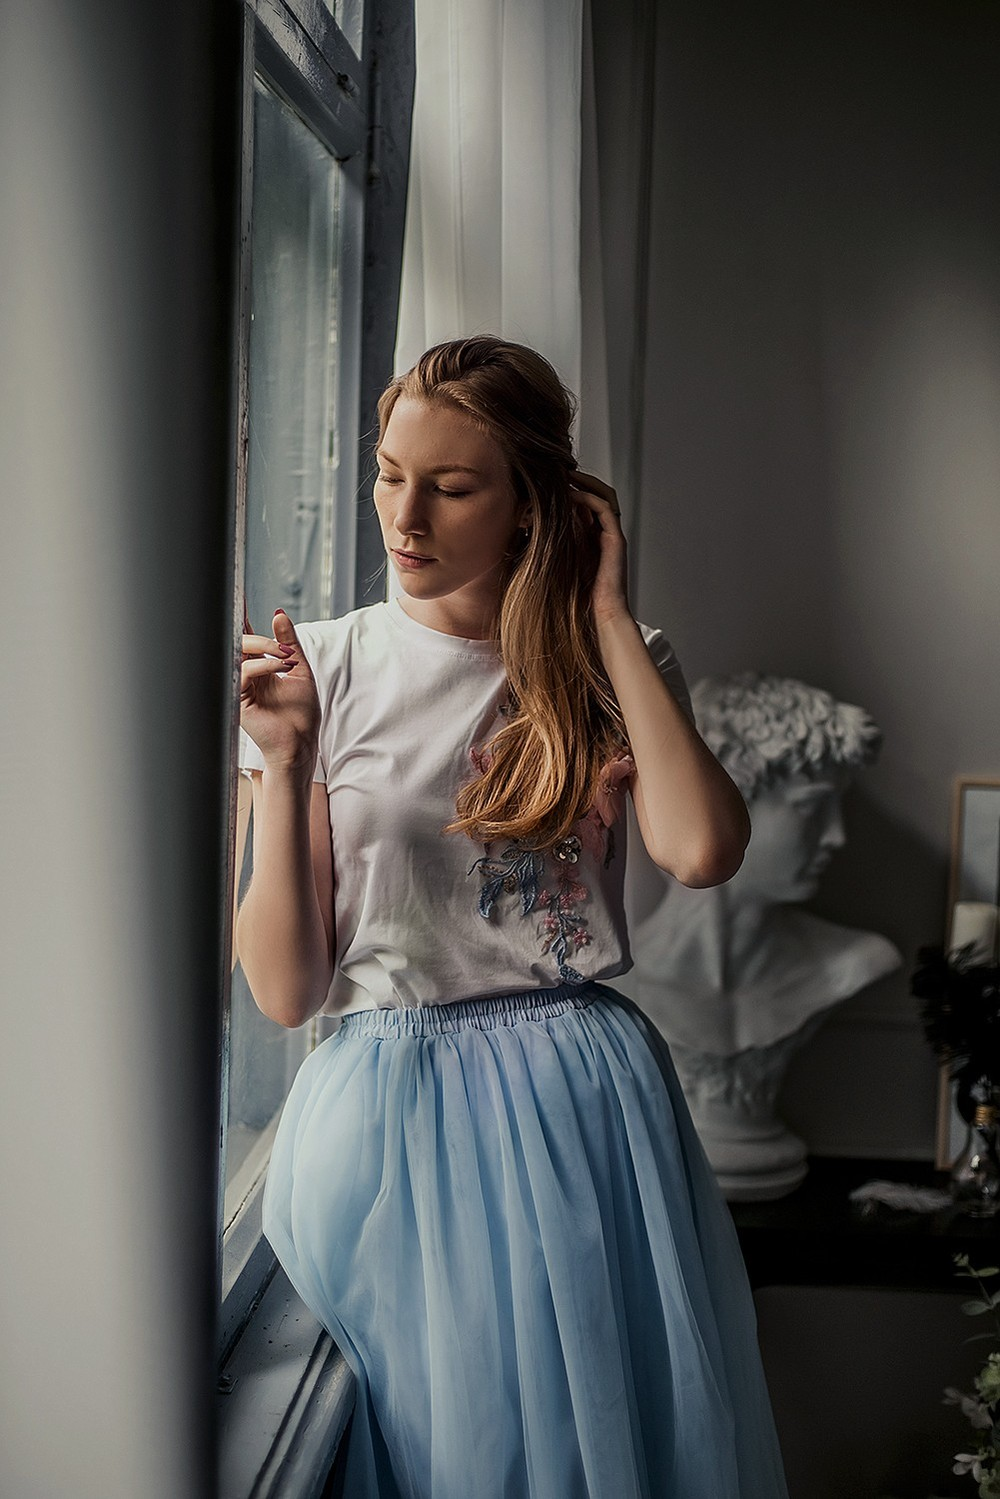 Женские портреты - Портрет для Юлии